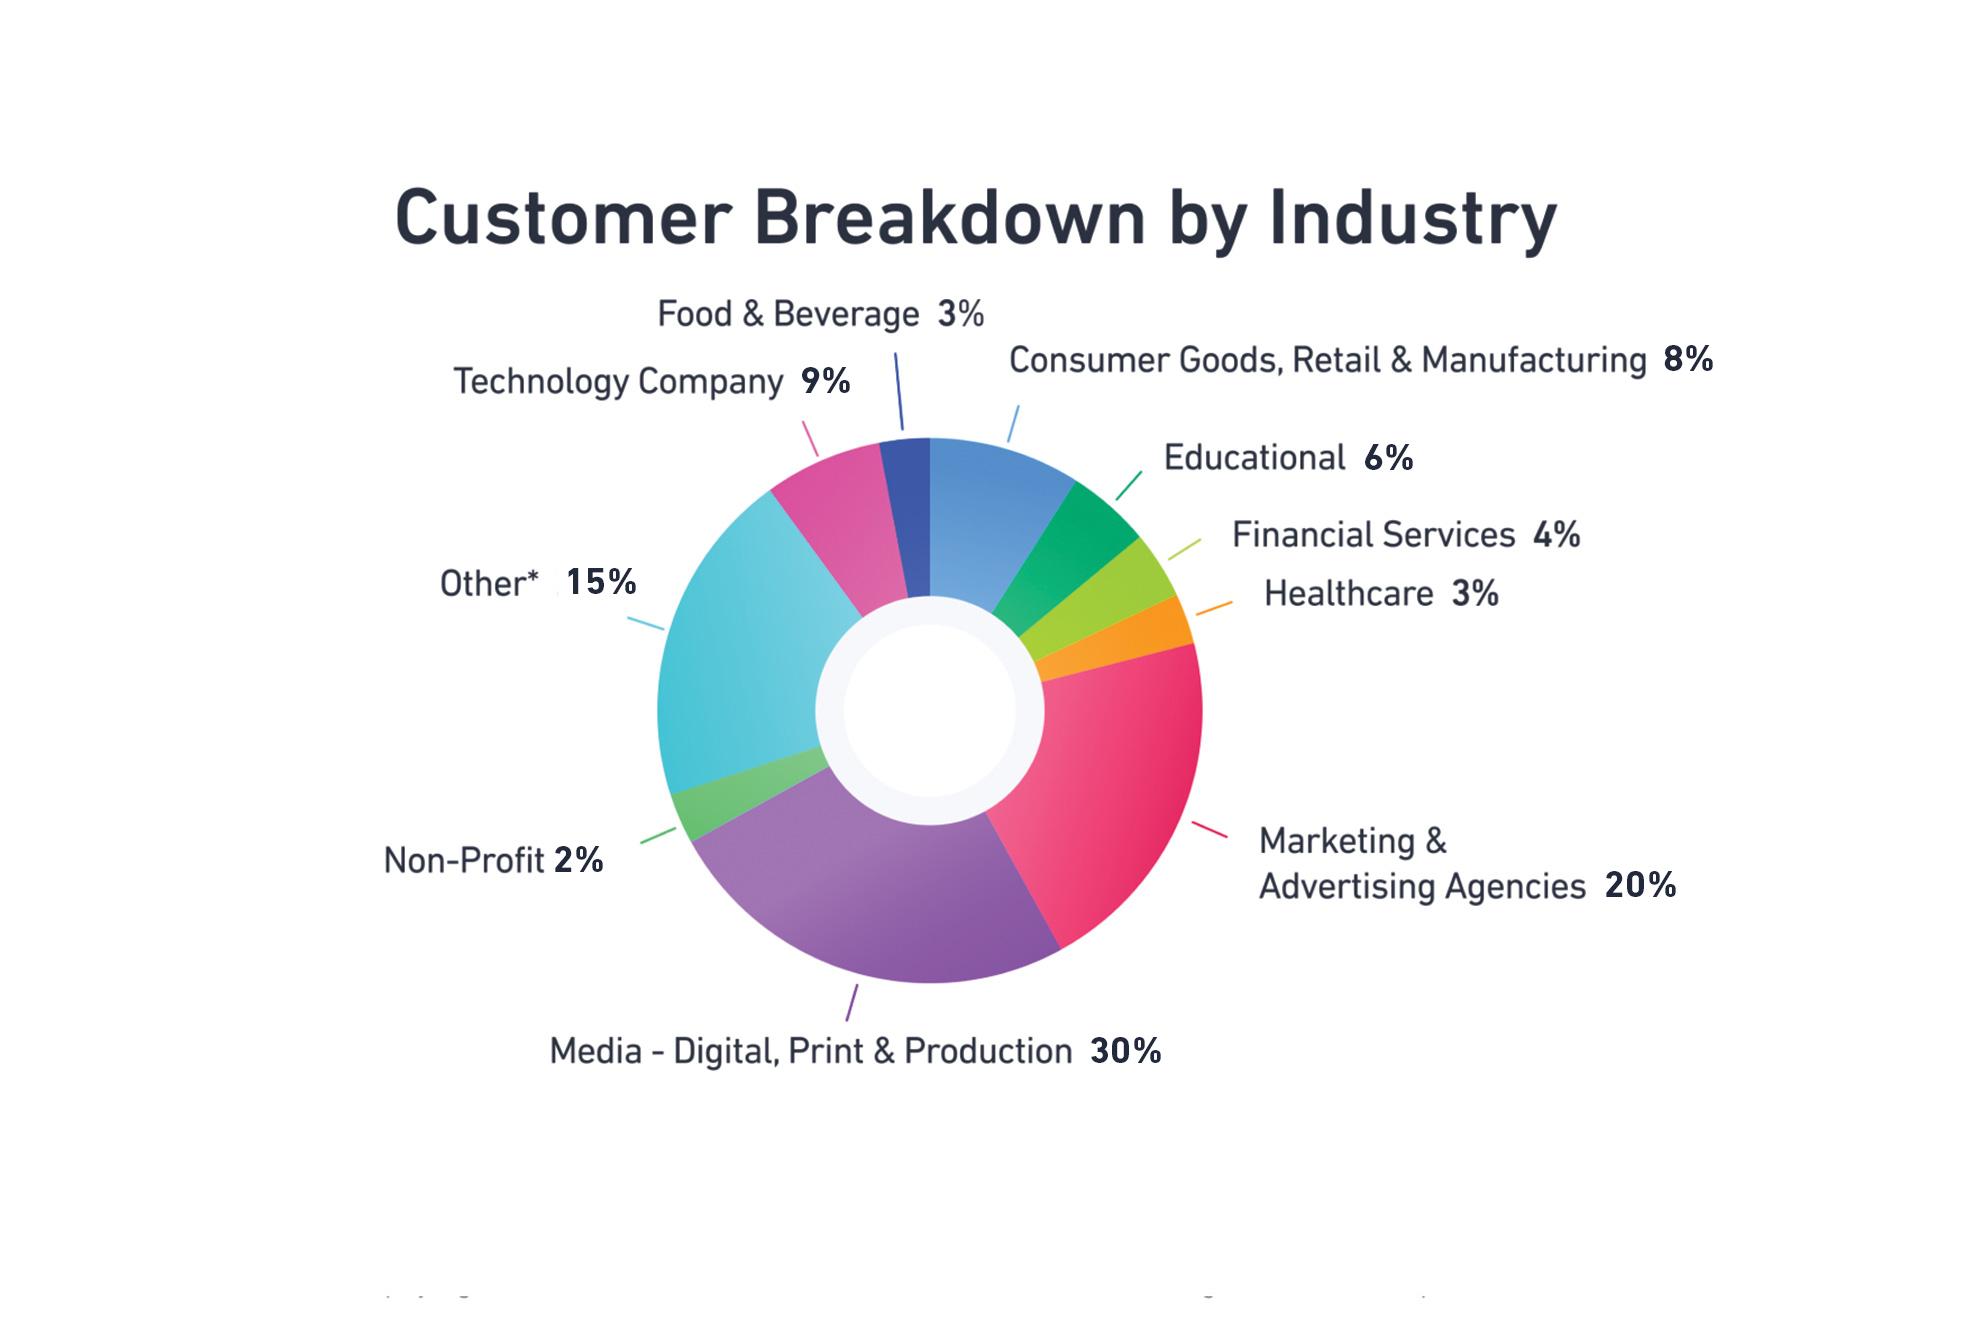 Customer Breakdown by Industry